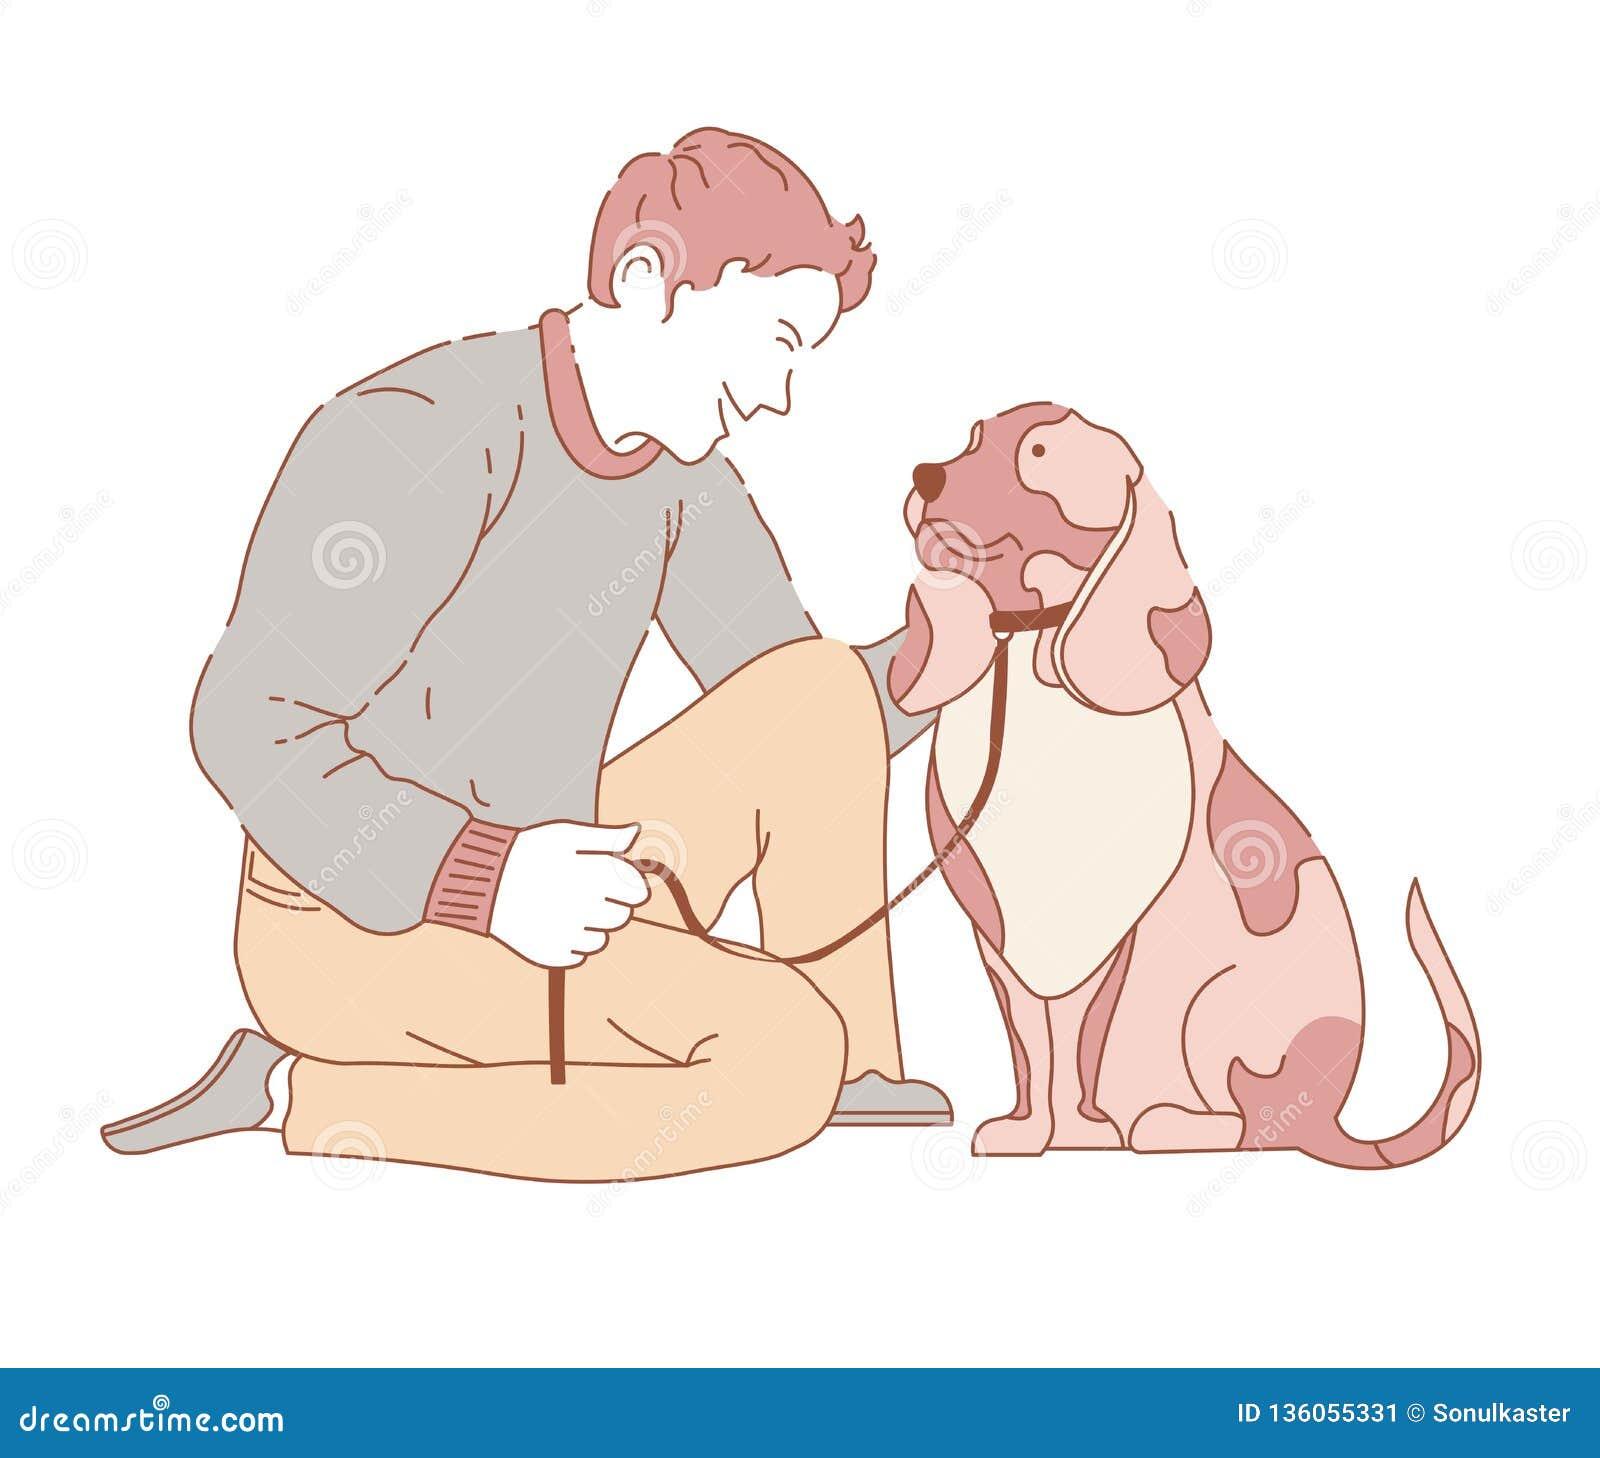 与狗犬佩带的衣领的男性消费的时间